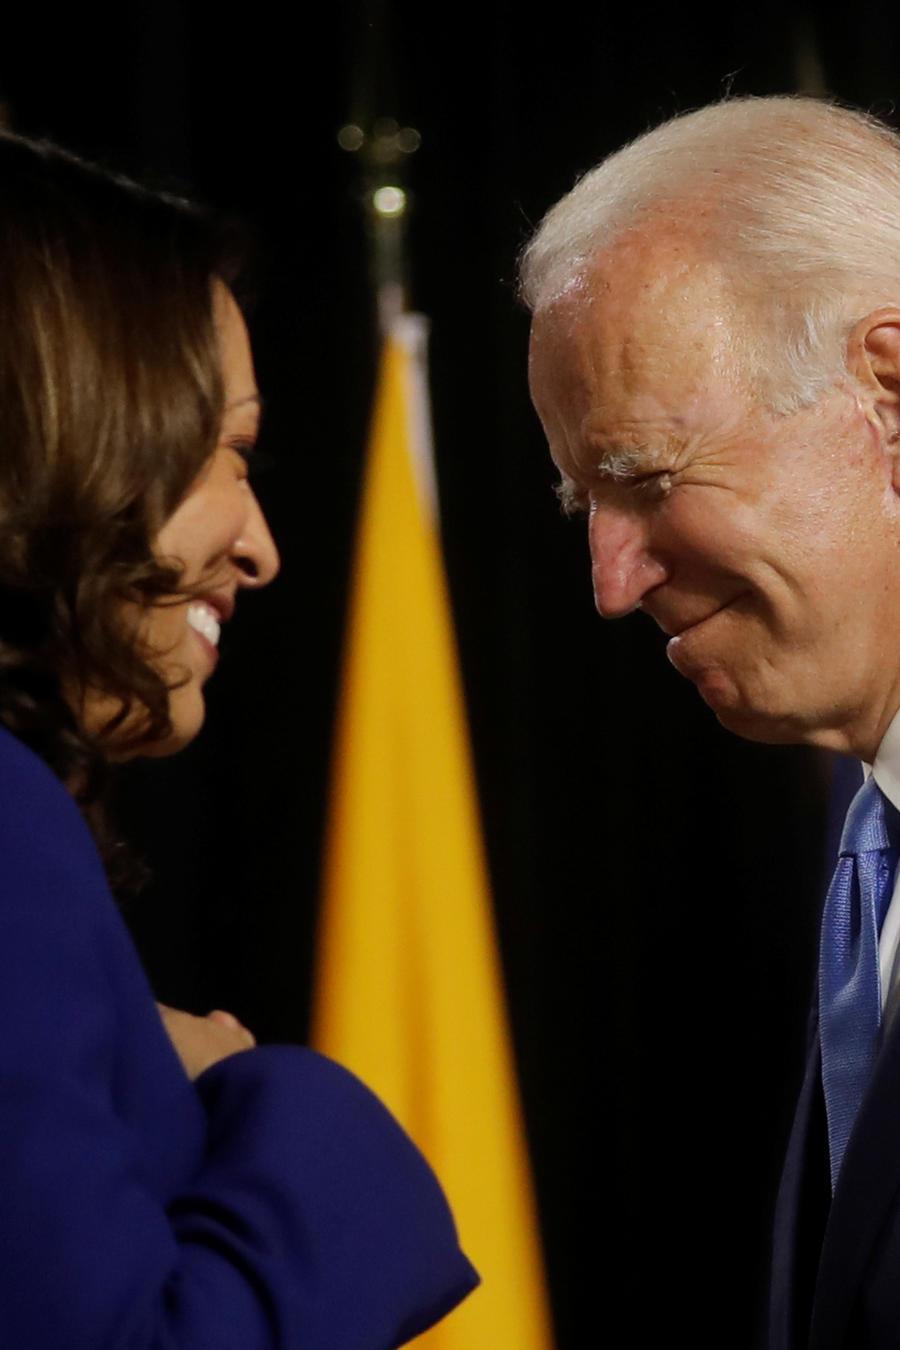 El precandidato presidencial demócrata Joe Biden y la candidata a vicepresidenta Kamala Harris son vistos en el escenario durante un evento de campaña, en Wilmington, Delaware.